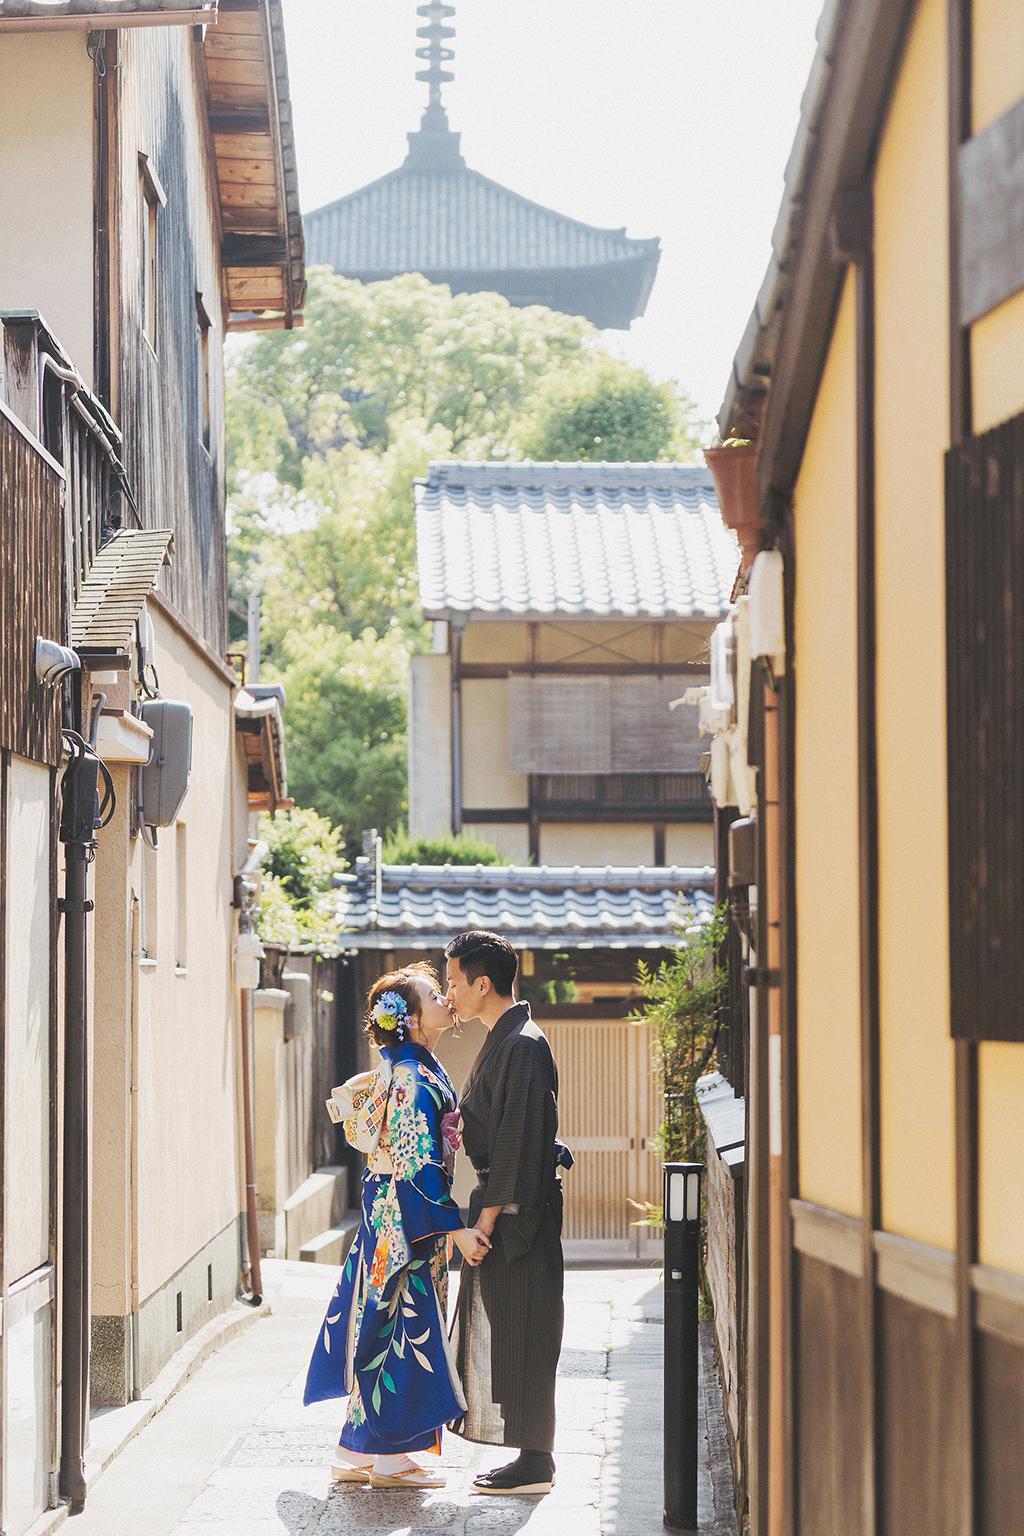 京都婚紗,京都祇園,和服婚紗,PURE,海外婚紗